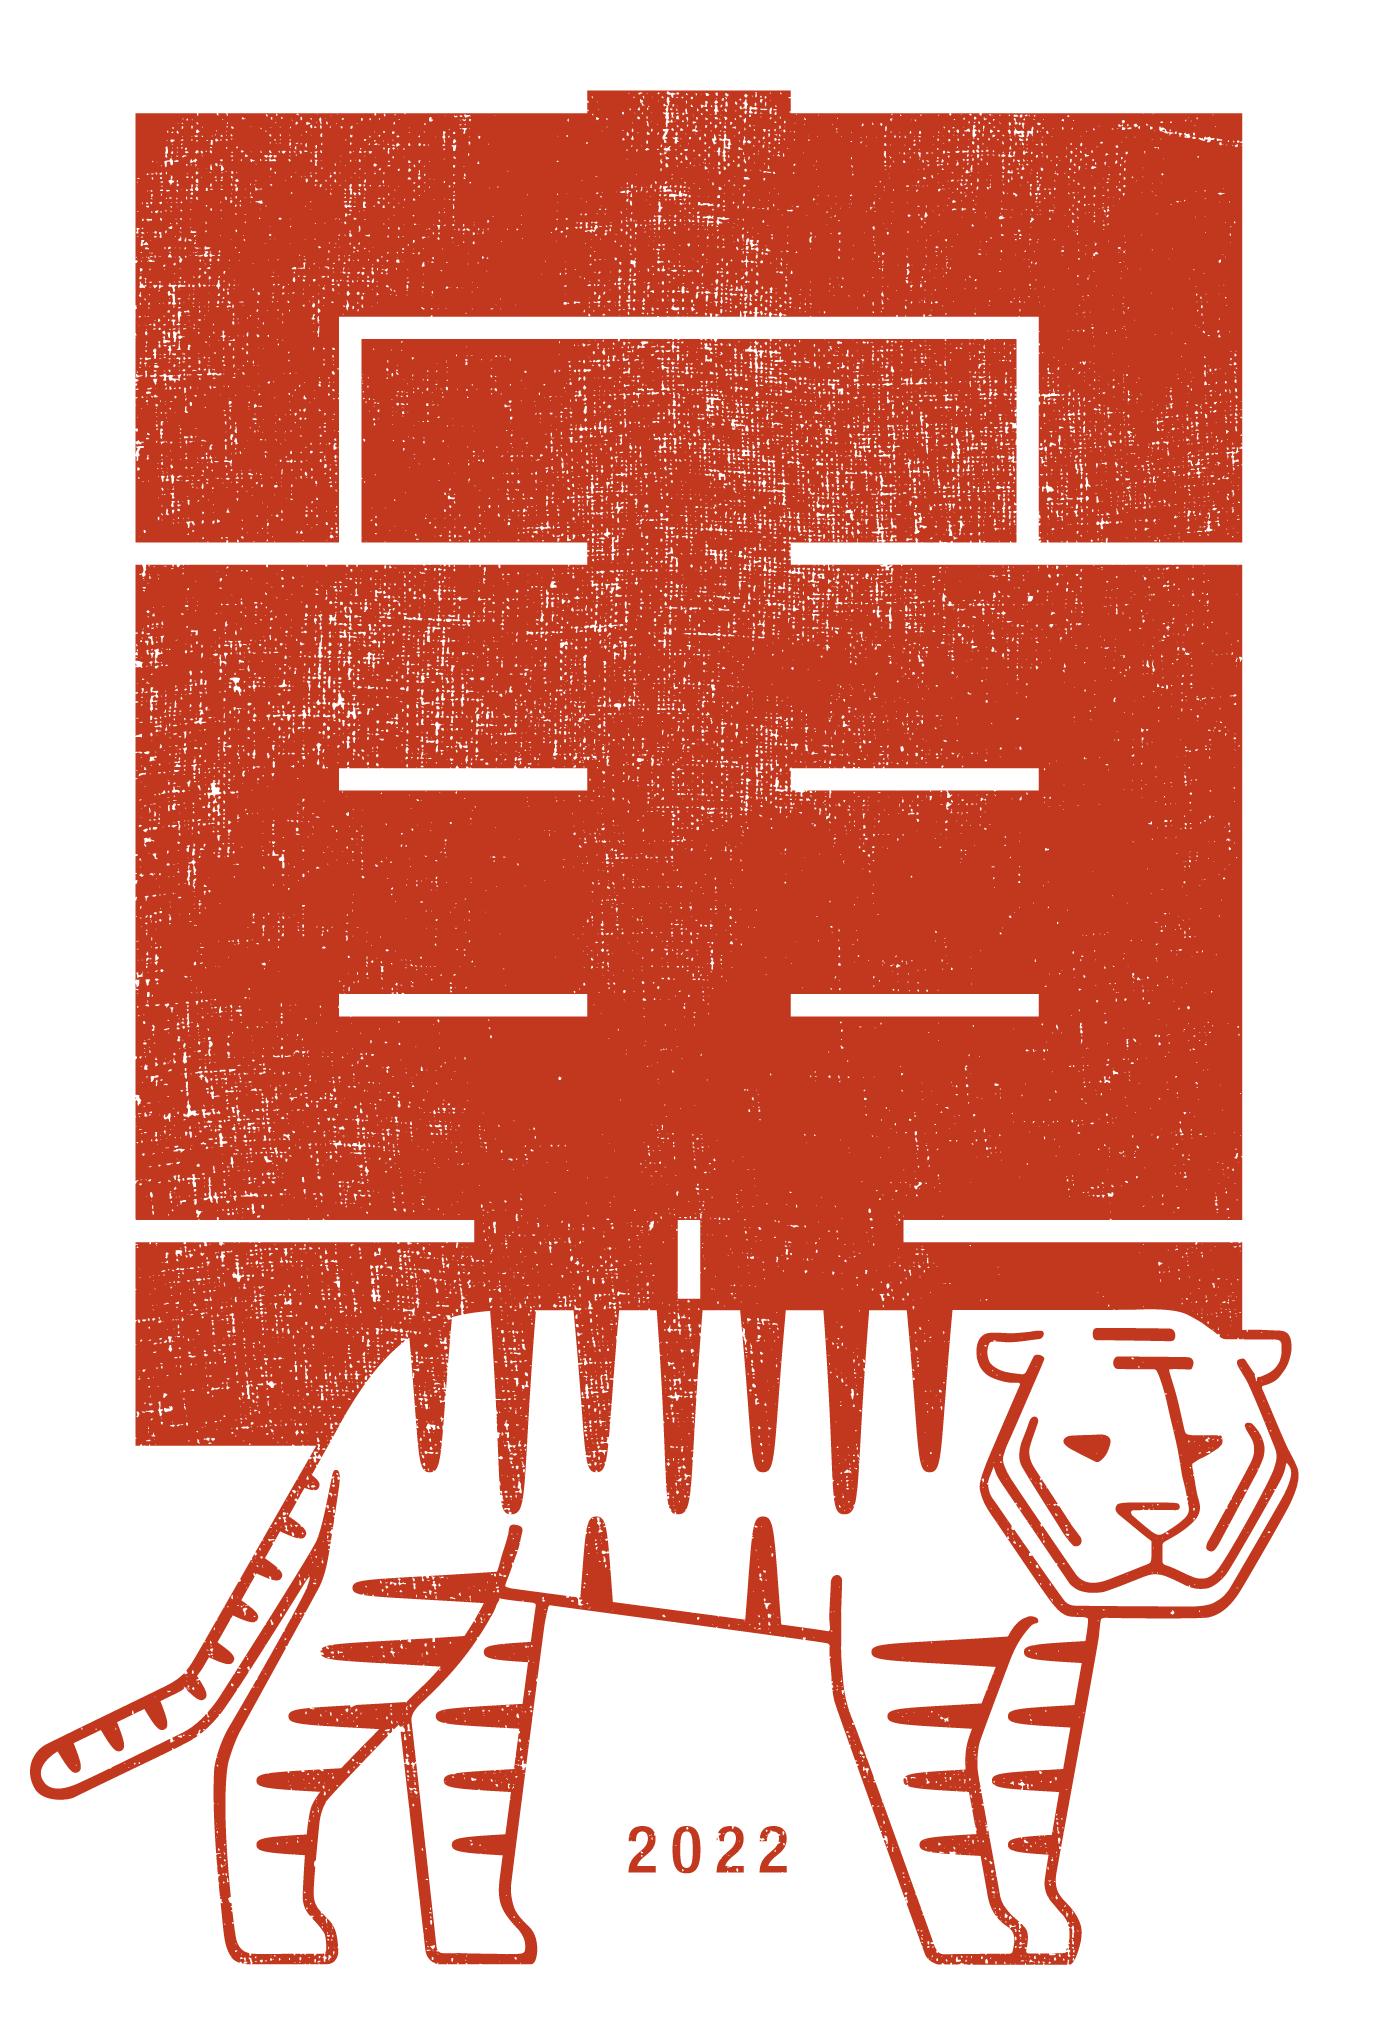 2022年賀状17-2:寅の江戸角字 / 立虎(赤)のダウンロード画像